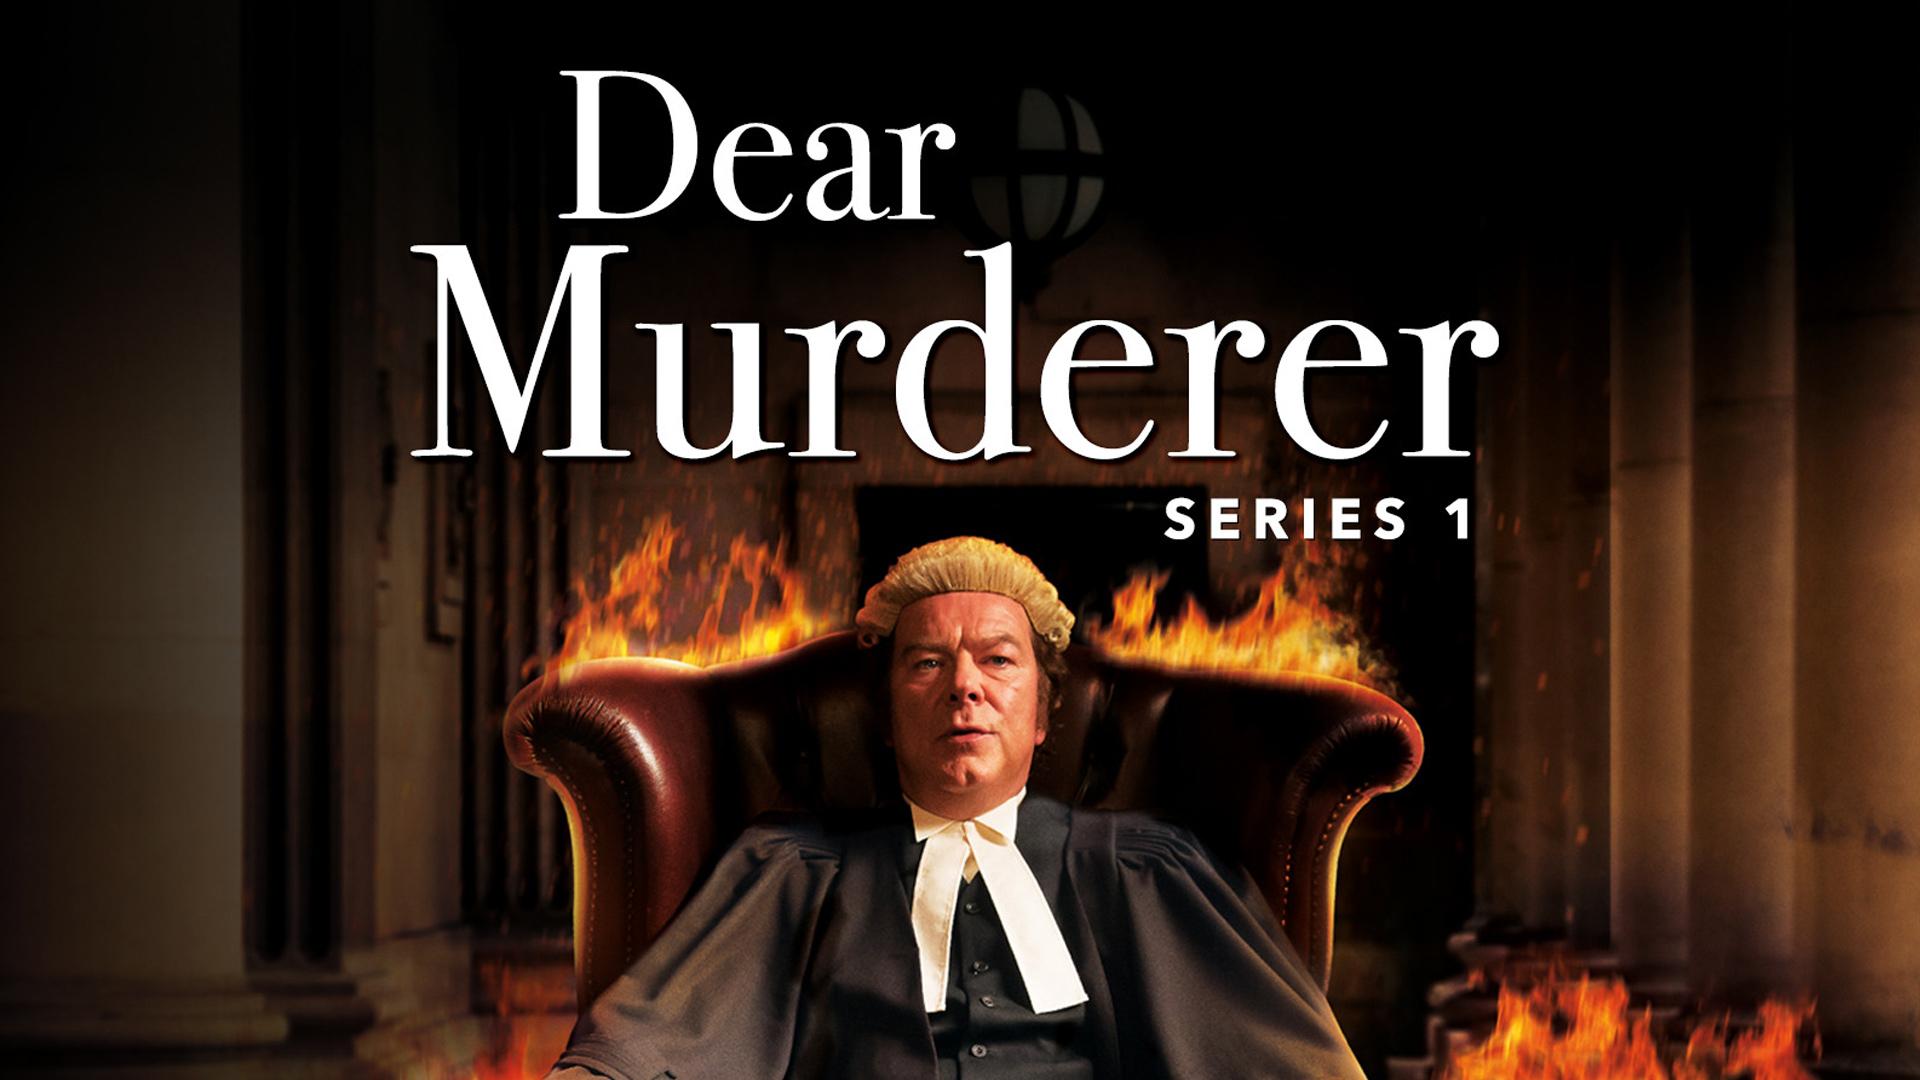 Dear Murderer - Series 1